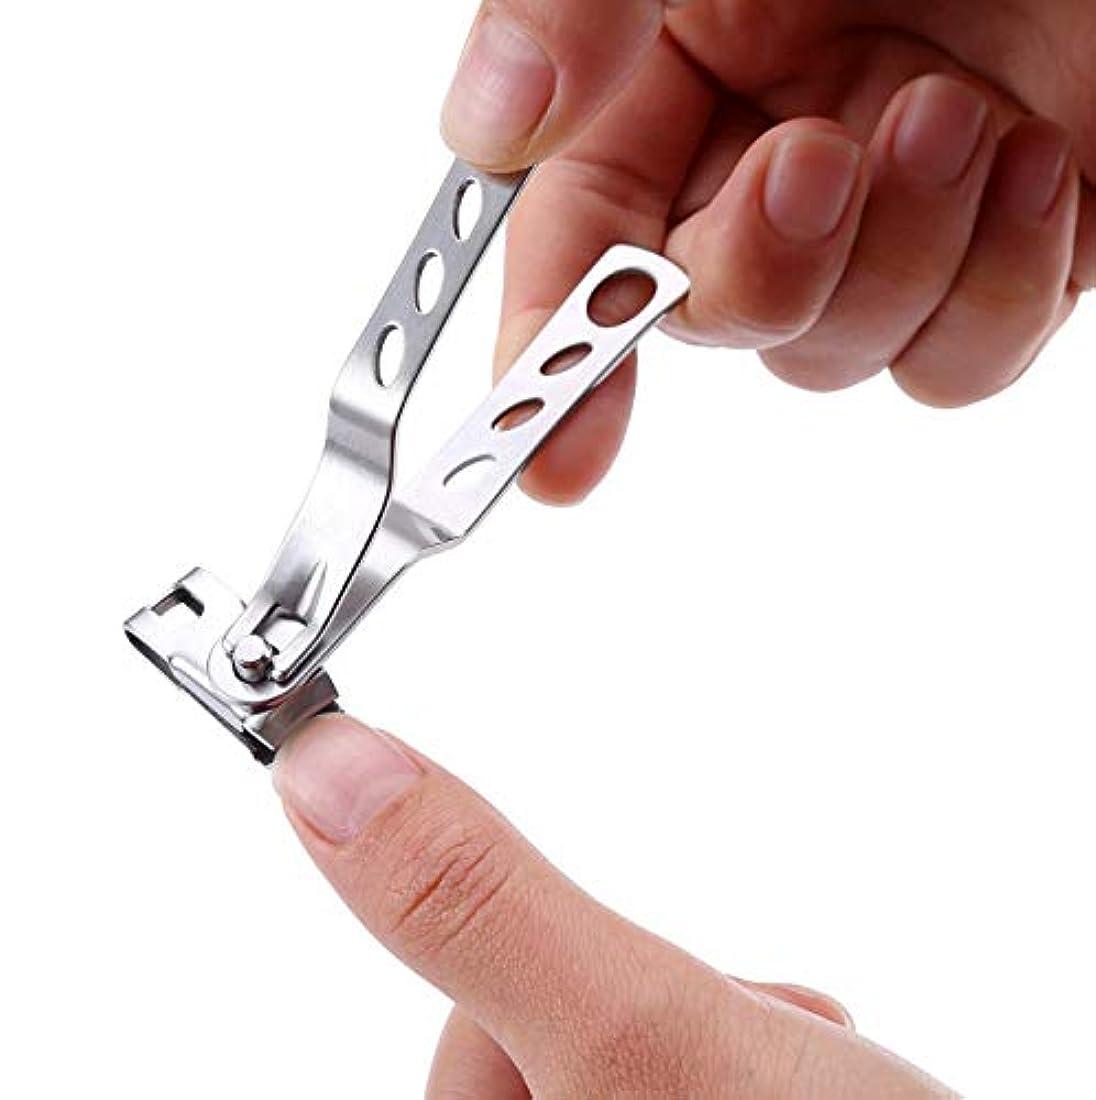 音声ケイ素キャッチFairmall 爪切り ツメキリ ステンレス製 高級つめきりセット 手足はがね ツメキリ 握りやすい 切れ味が良い 飛び散り防止 厚い爪/巻き爪に適用 ネイルケアセット 【2点セット】